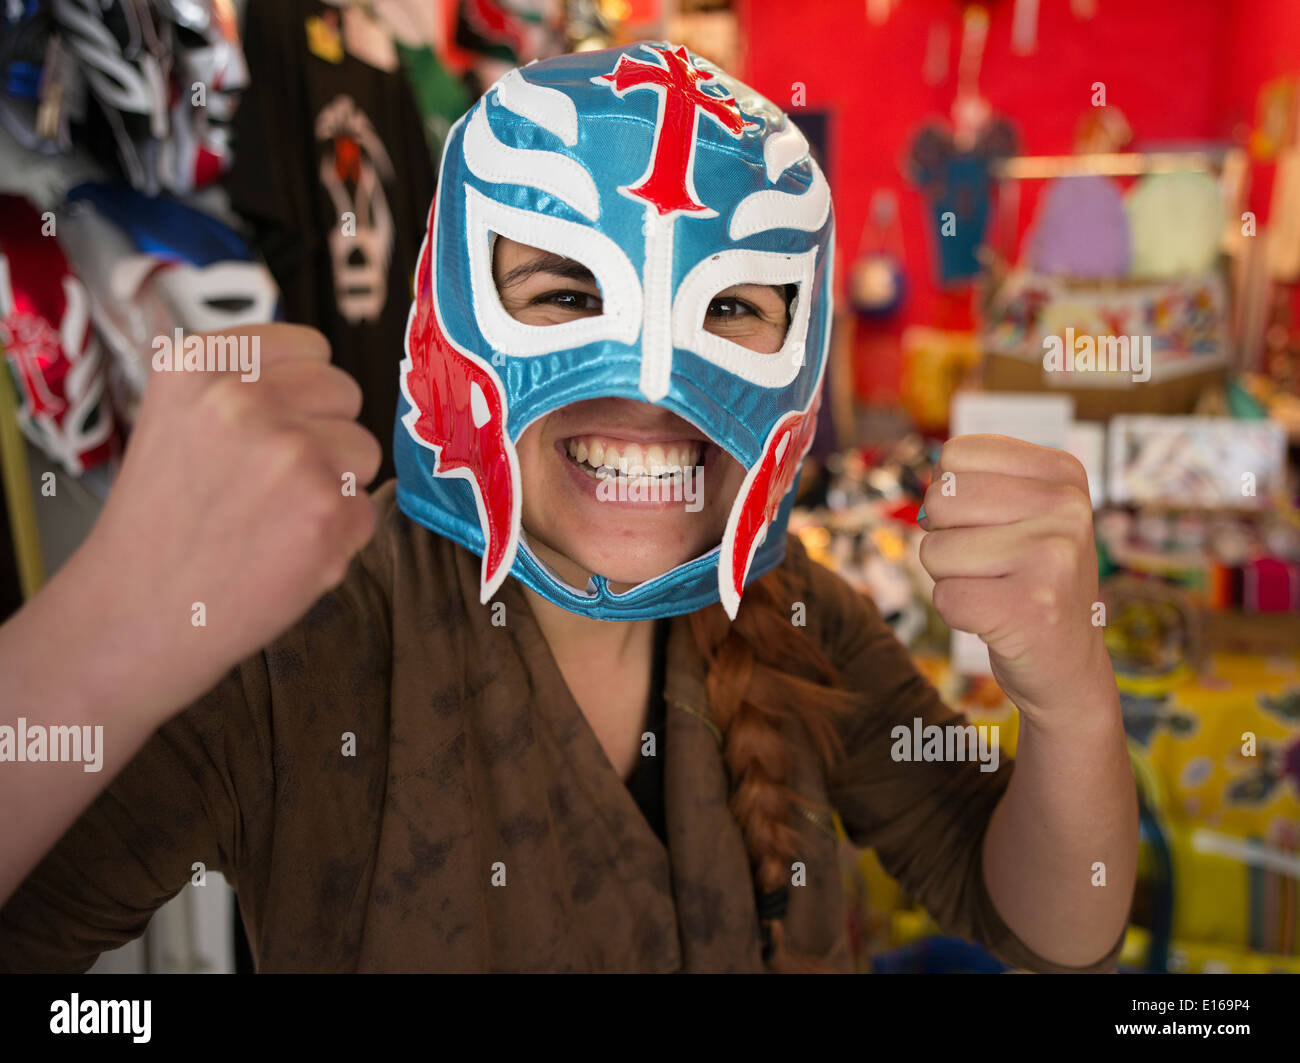 Máscaras de lucha libre mexicana en venta a tope, una tienda de productos mexicanos en el Mercado, saliendo Imagen De Stock